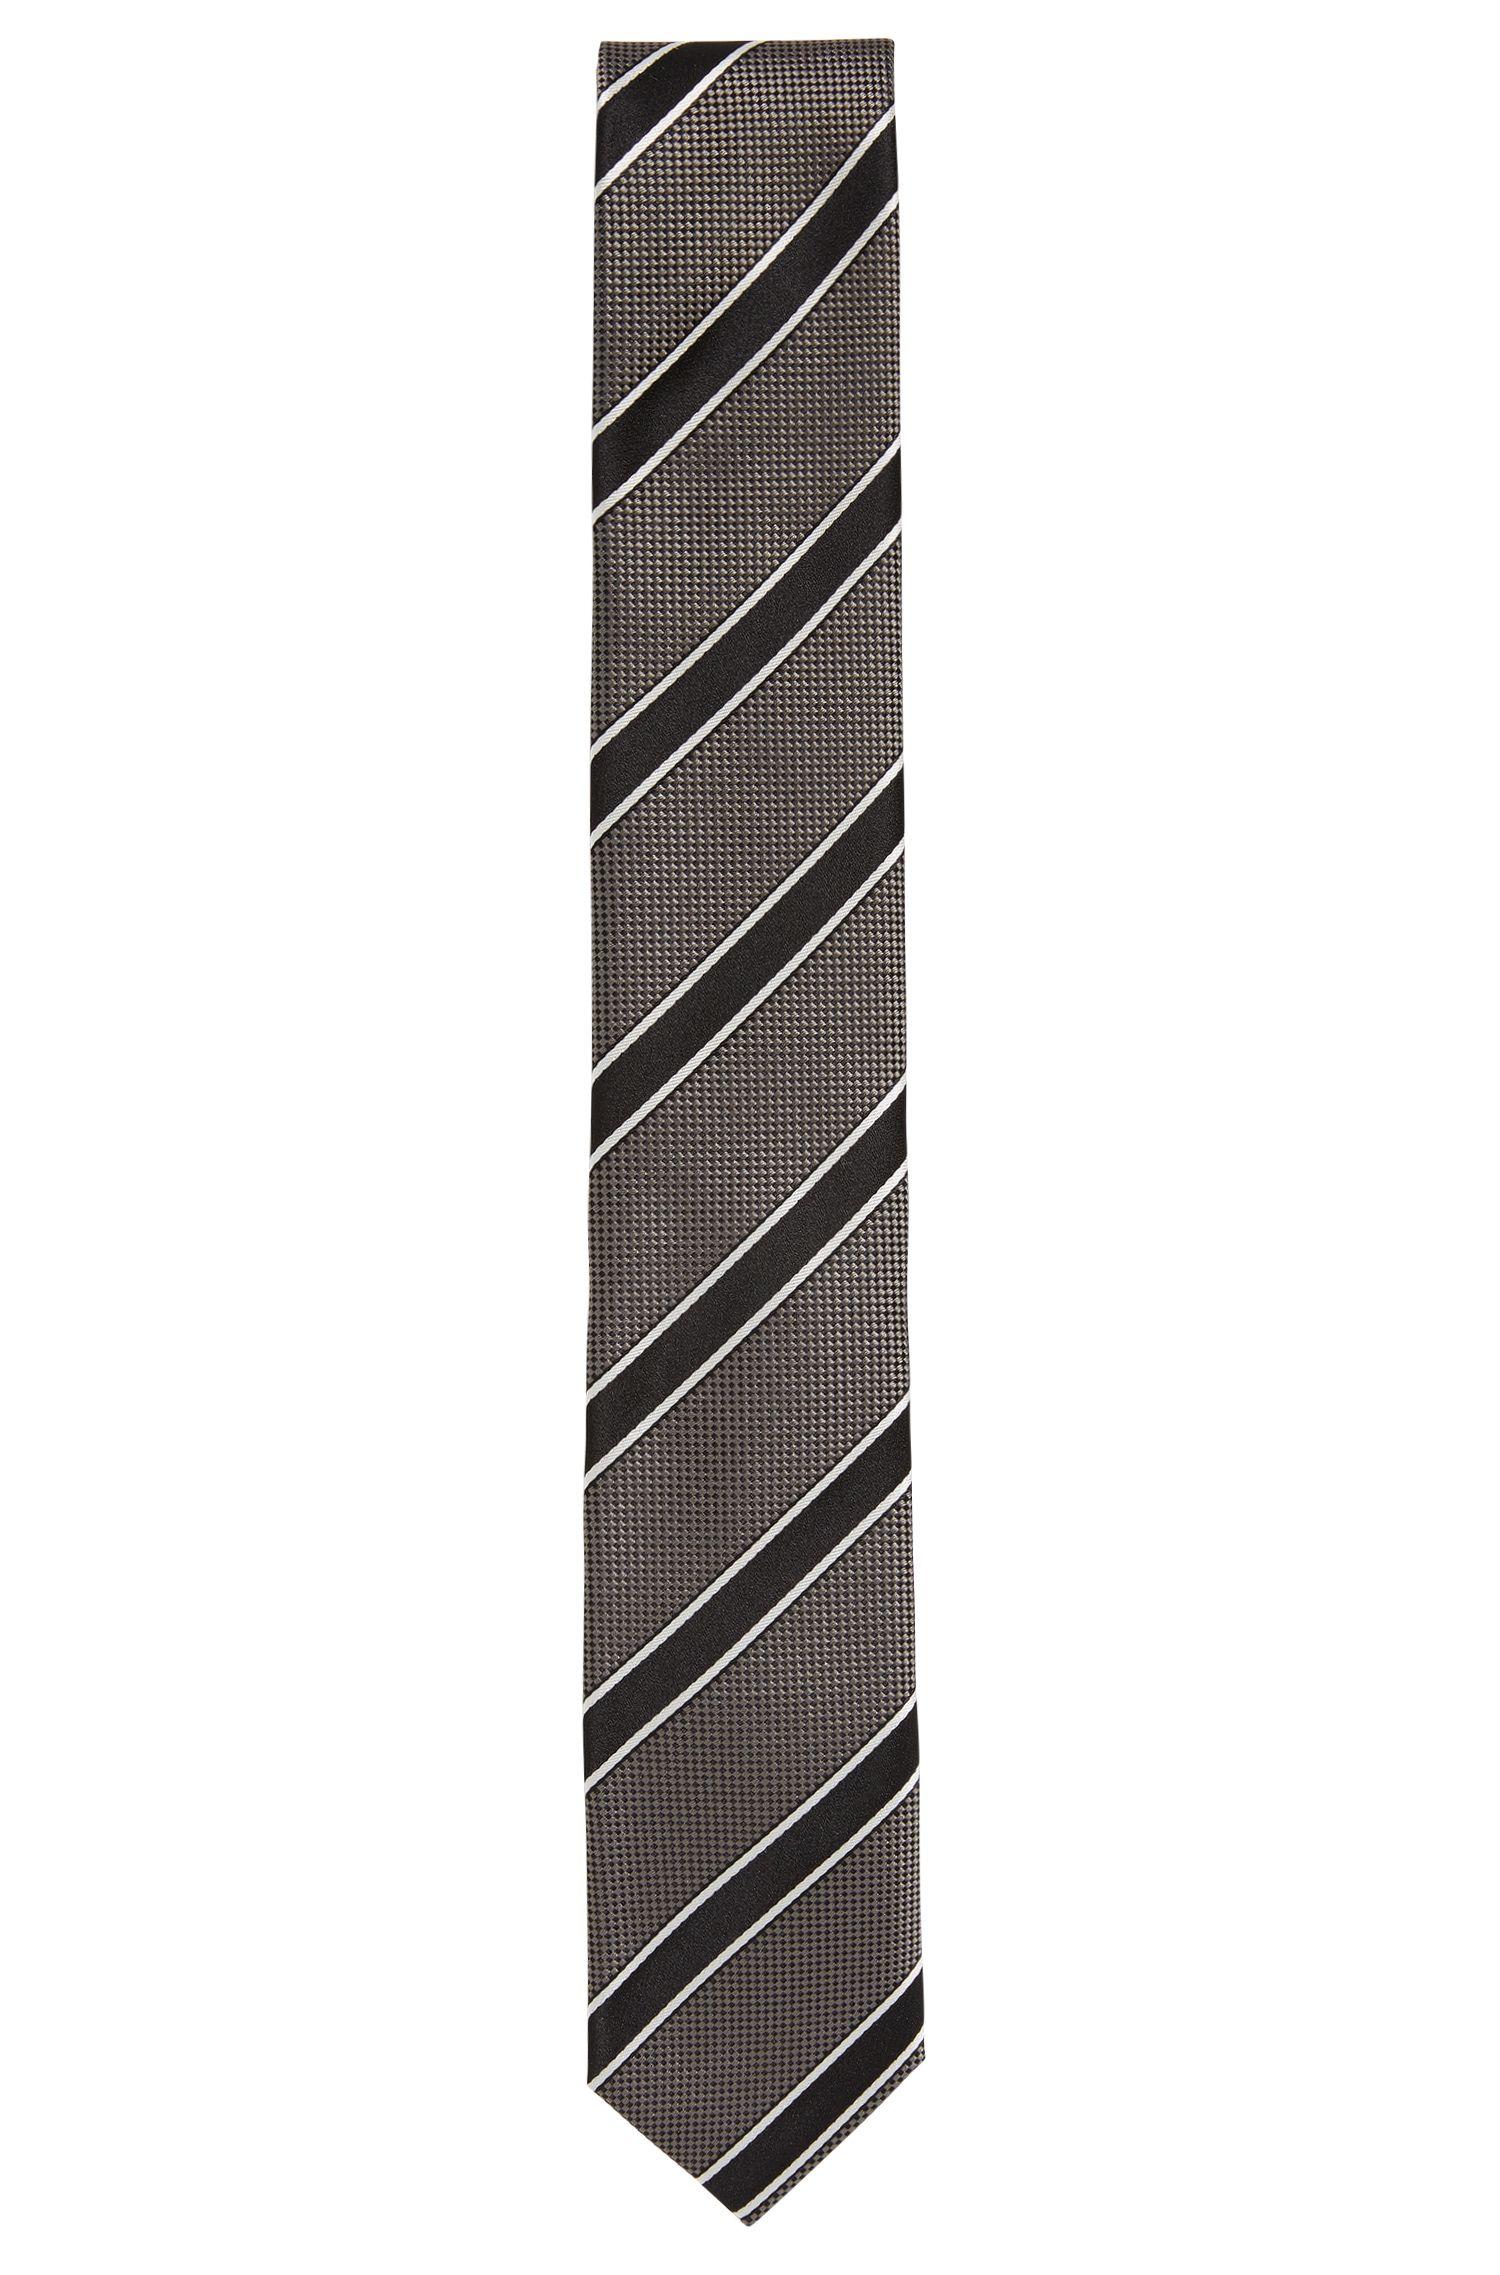 Italian Silk Woven Tie, Slim | Tie 6 cm